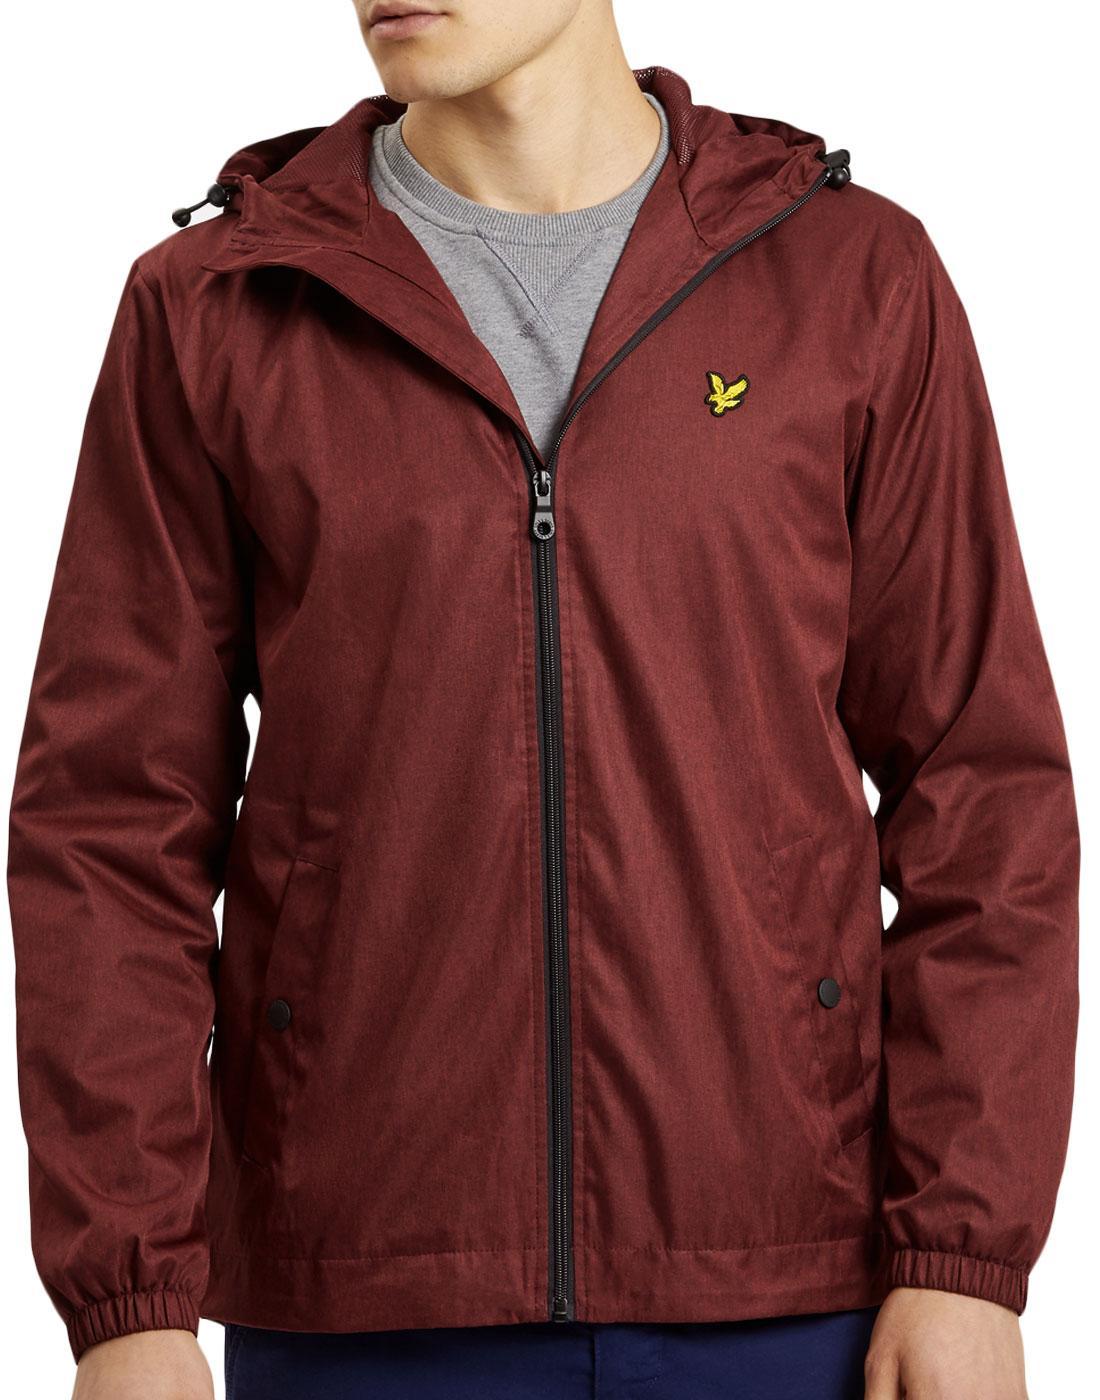 LYLE & SCOTT Retro Tonic Effect Hooded Jacket (C)